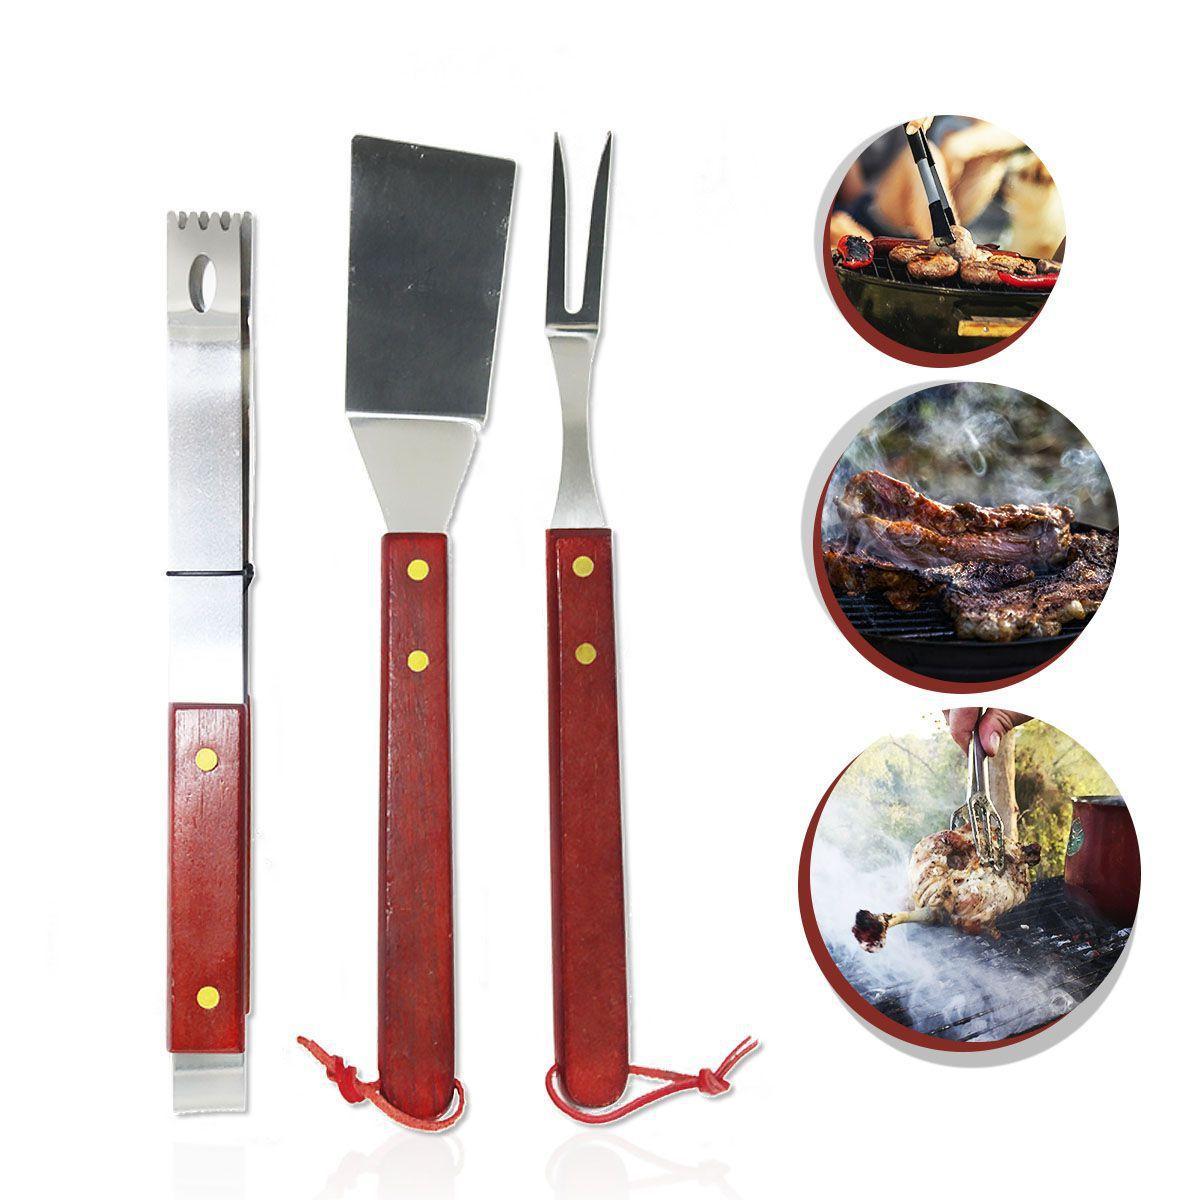 Kit churrasco 3pçs 32cm garfo, pegador e espátula aço inox cabo madeira UD576  - Mix Eletro